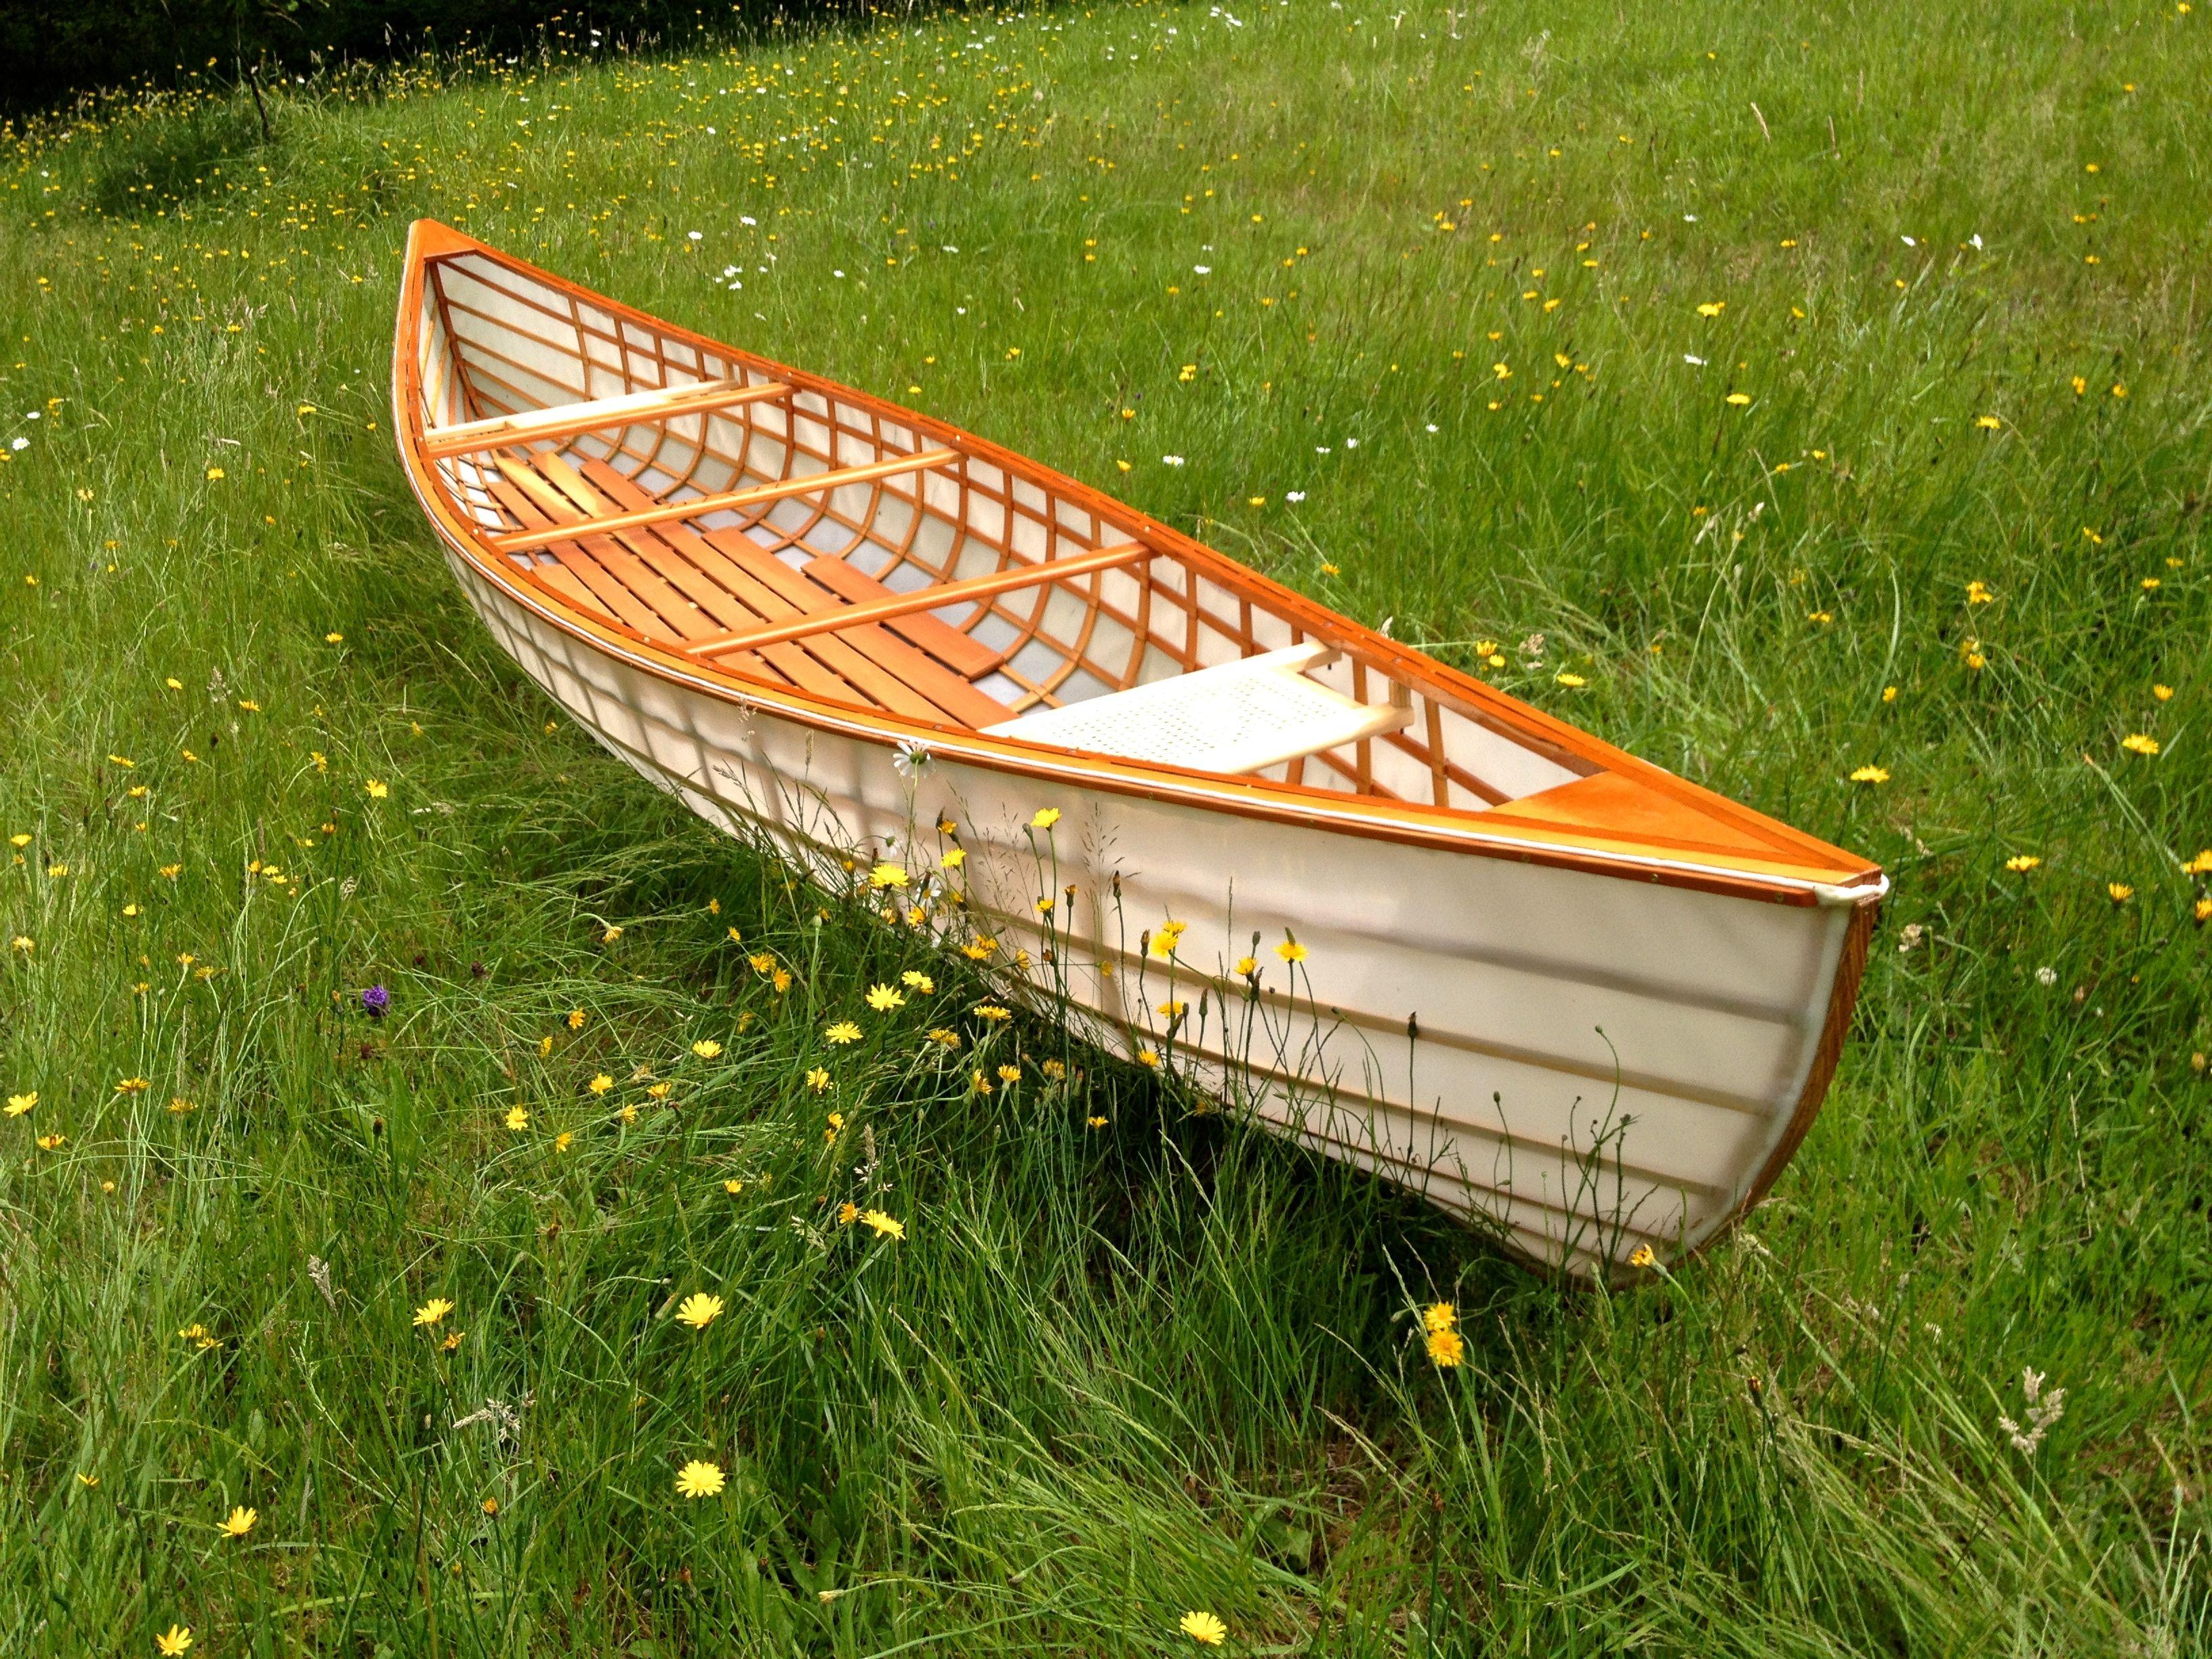 Skin on frame kayak plans - My Second Skin On Frame Canoe